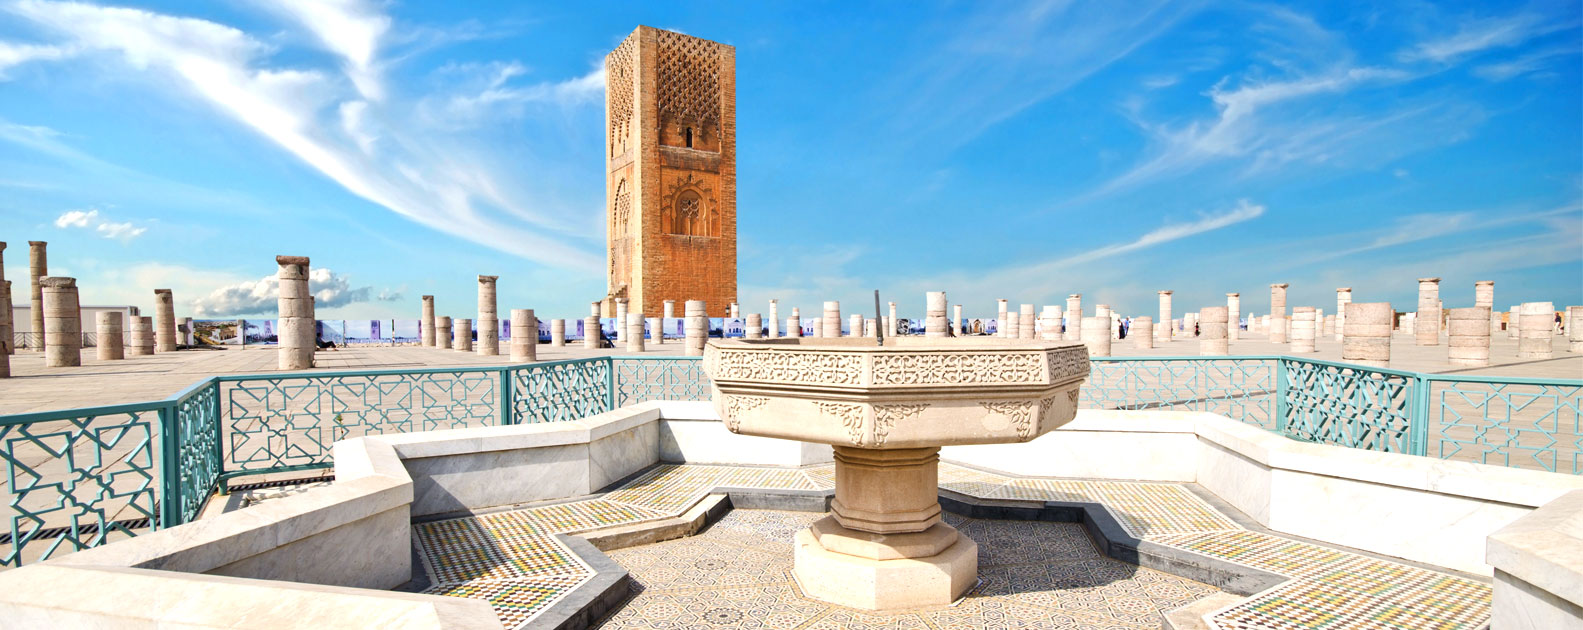 belle palace avec la tour hassan